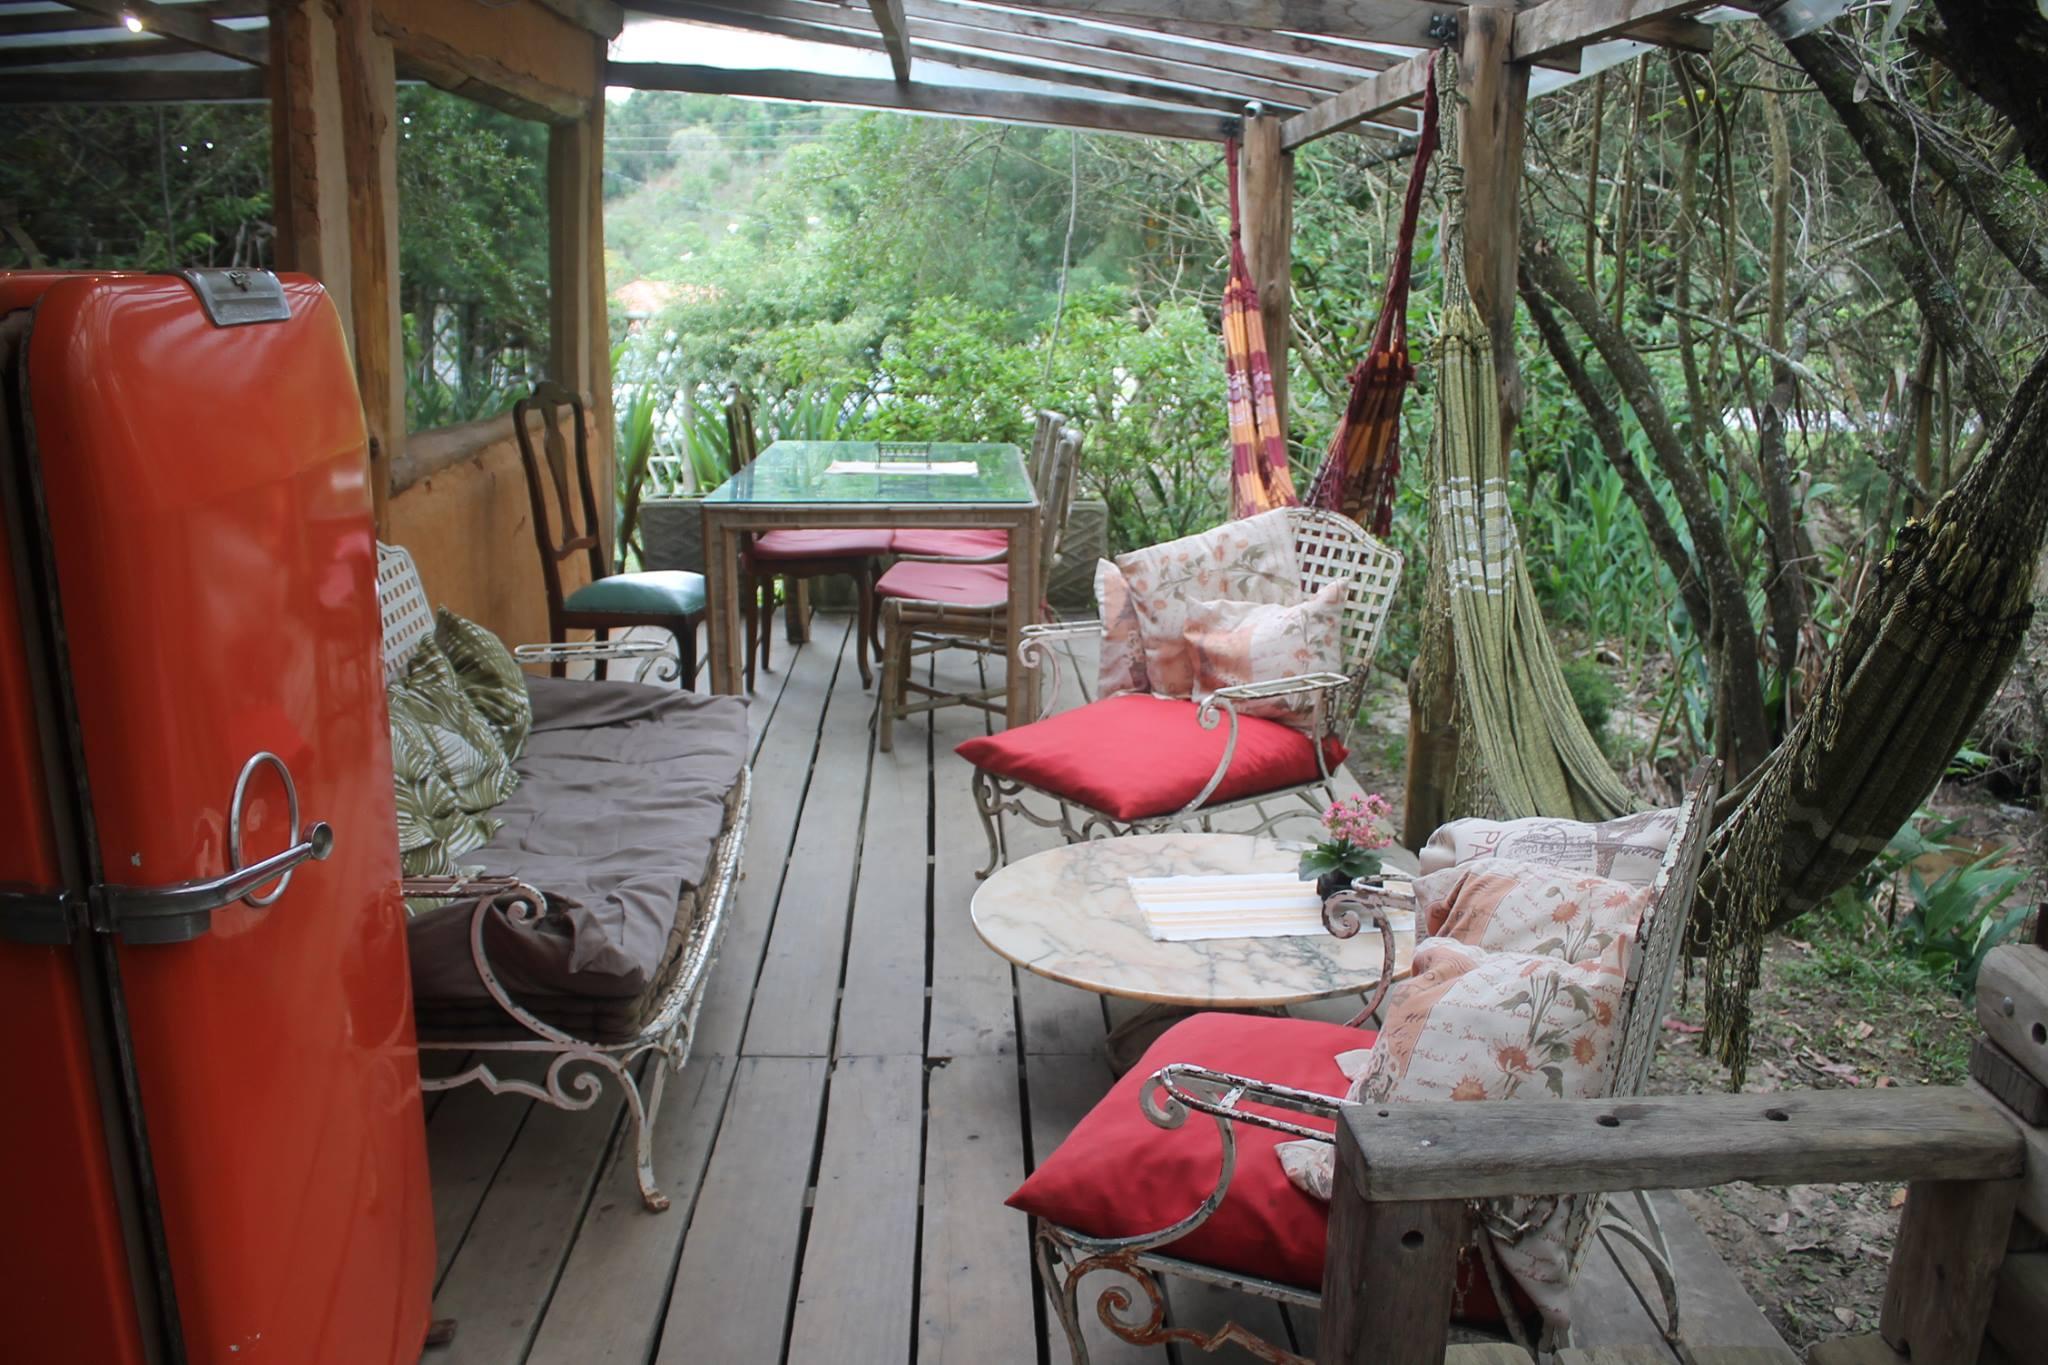 Fazenda Aracatu e seu espaço bem acolhedor